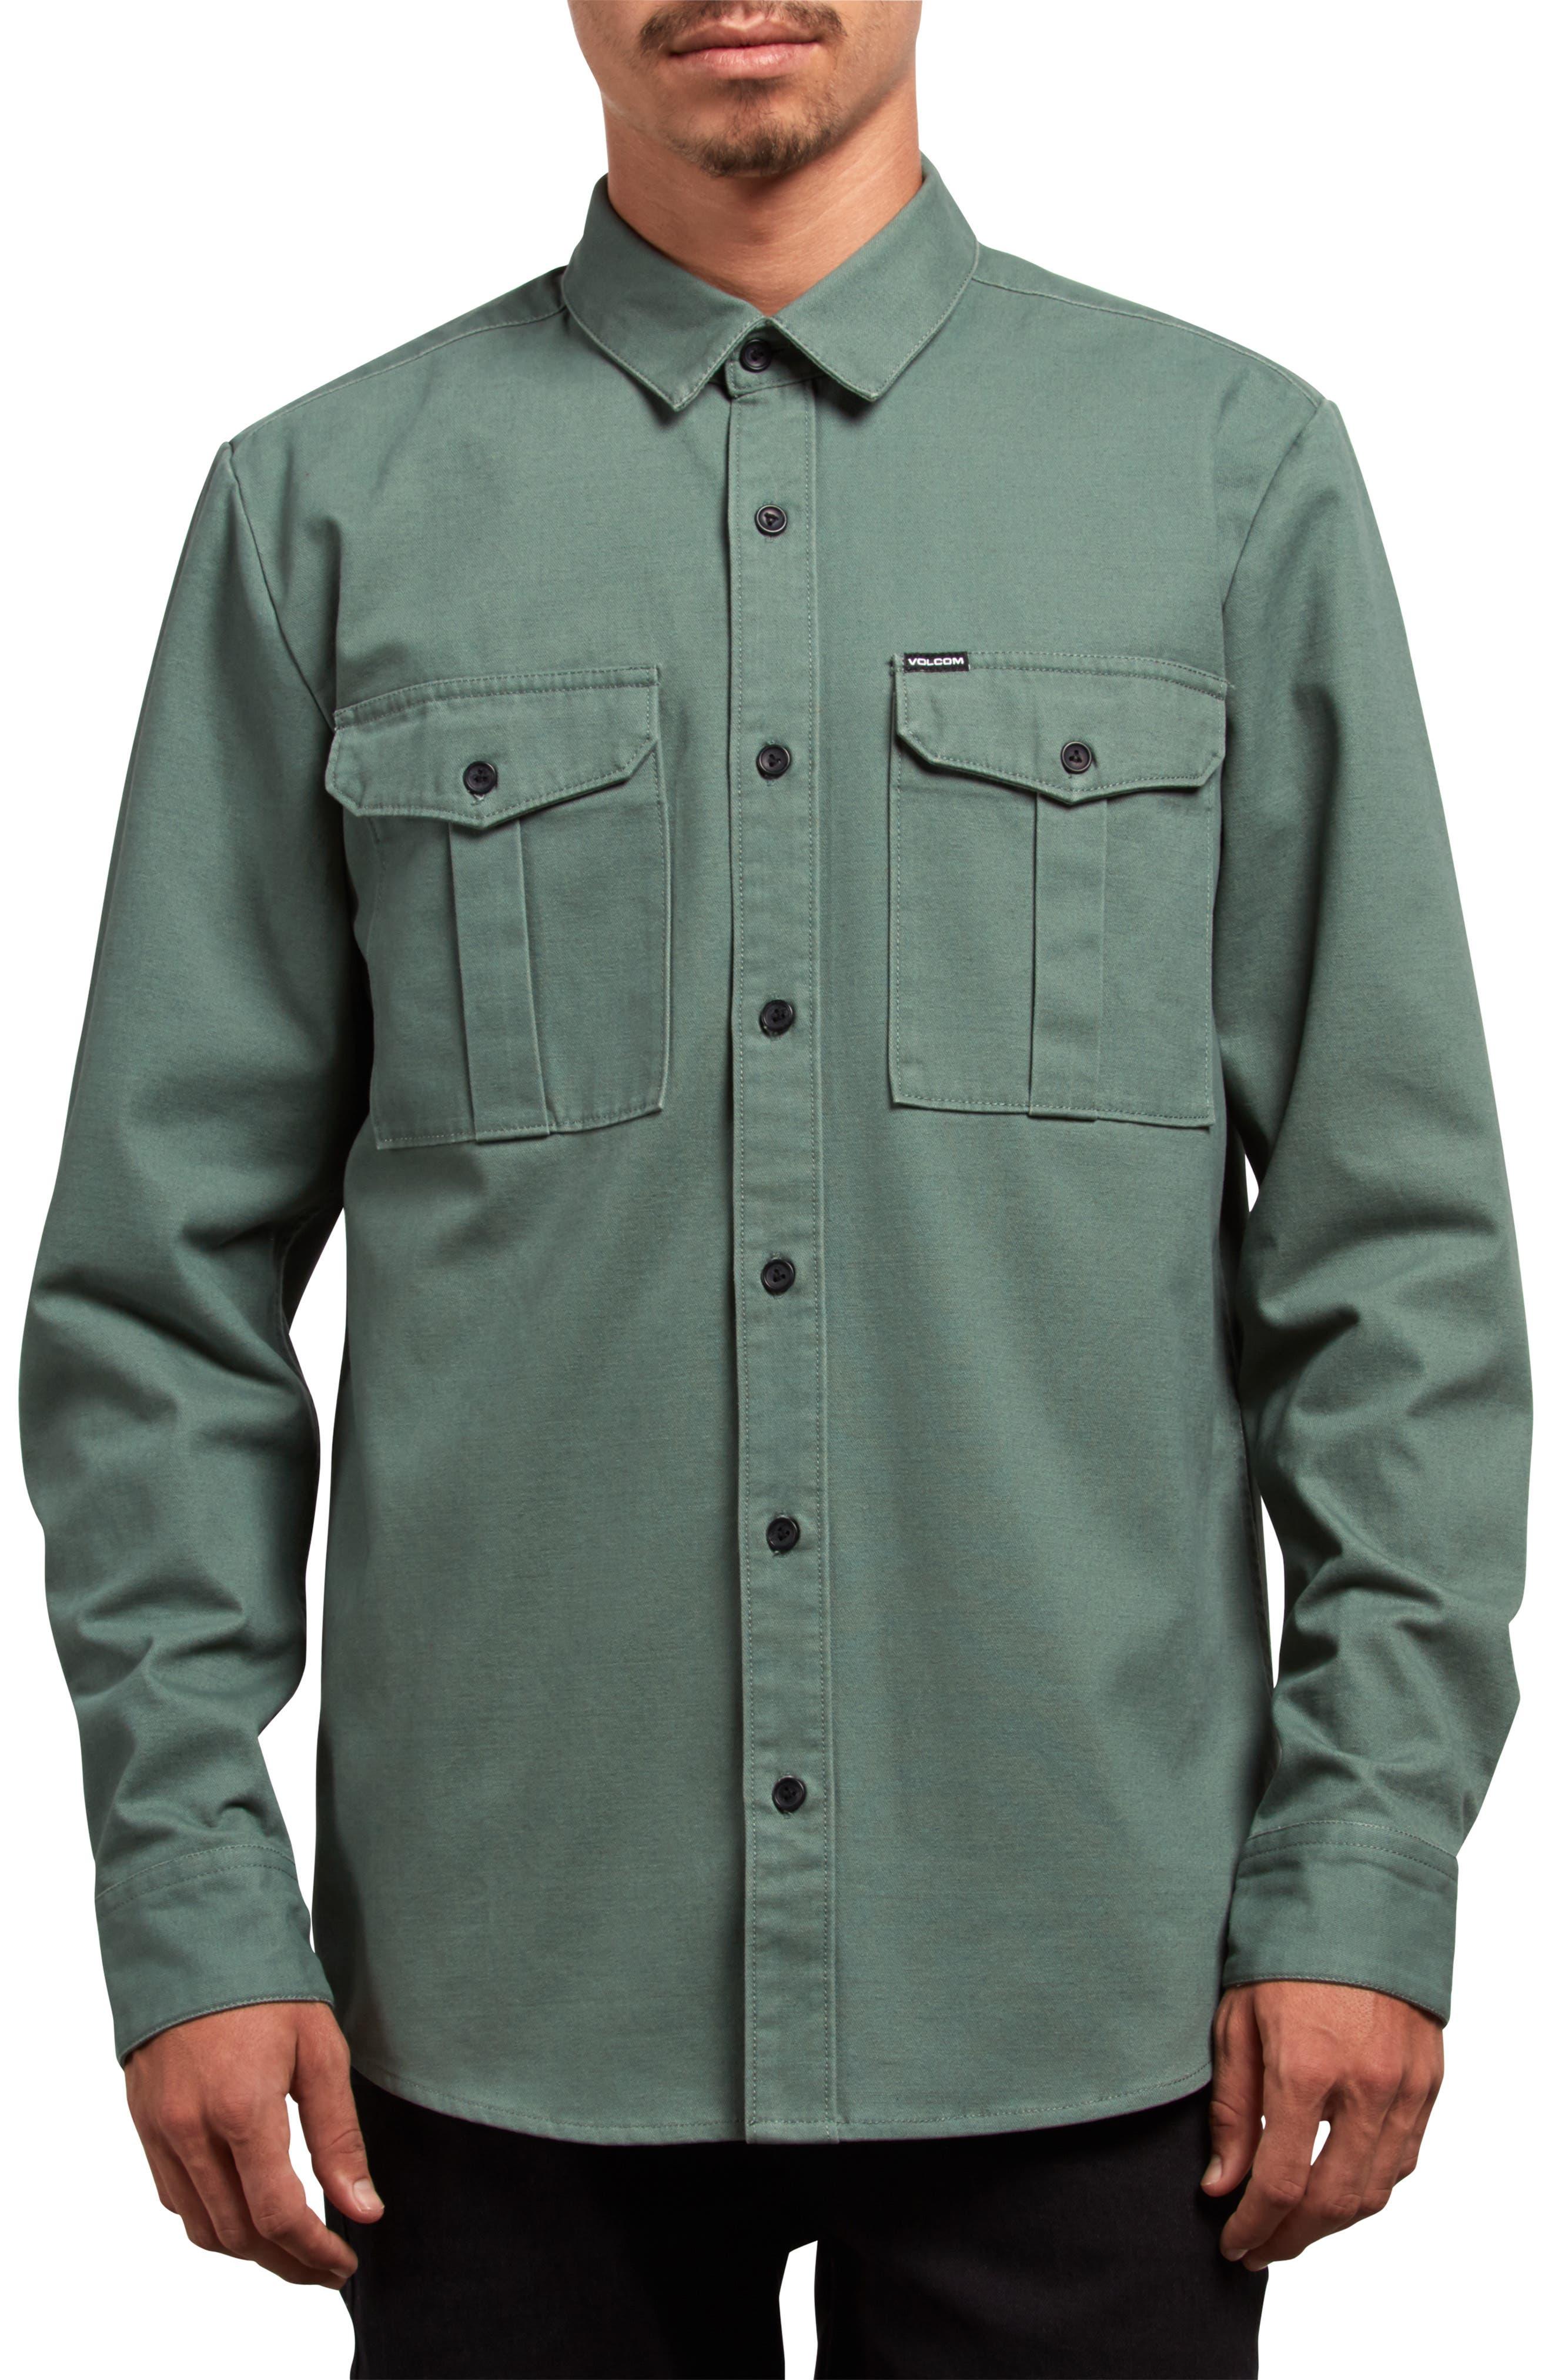 Huckster Heavyweight Sport Shirt,                         Main,                         color, PINE